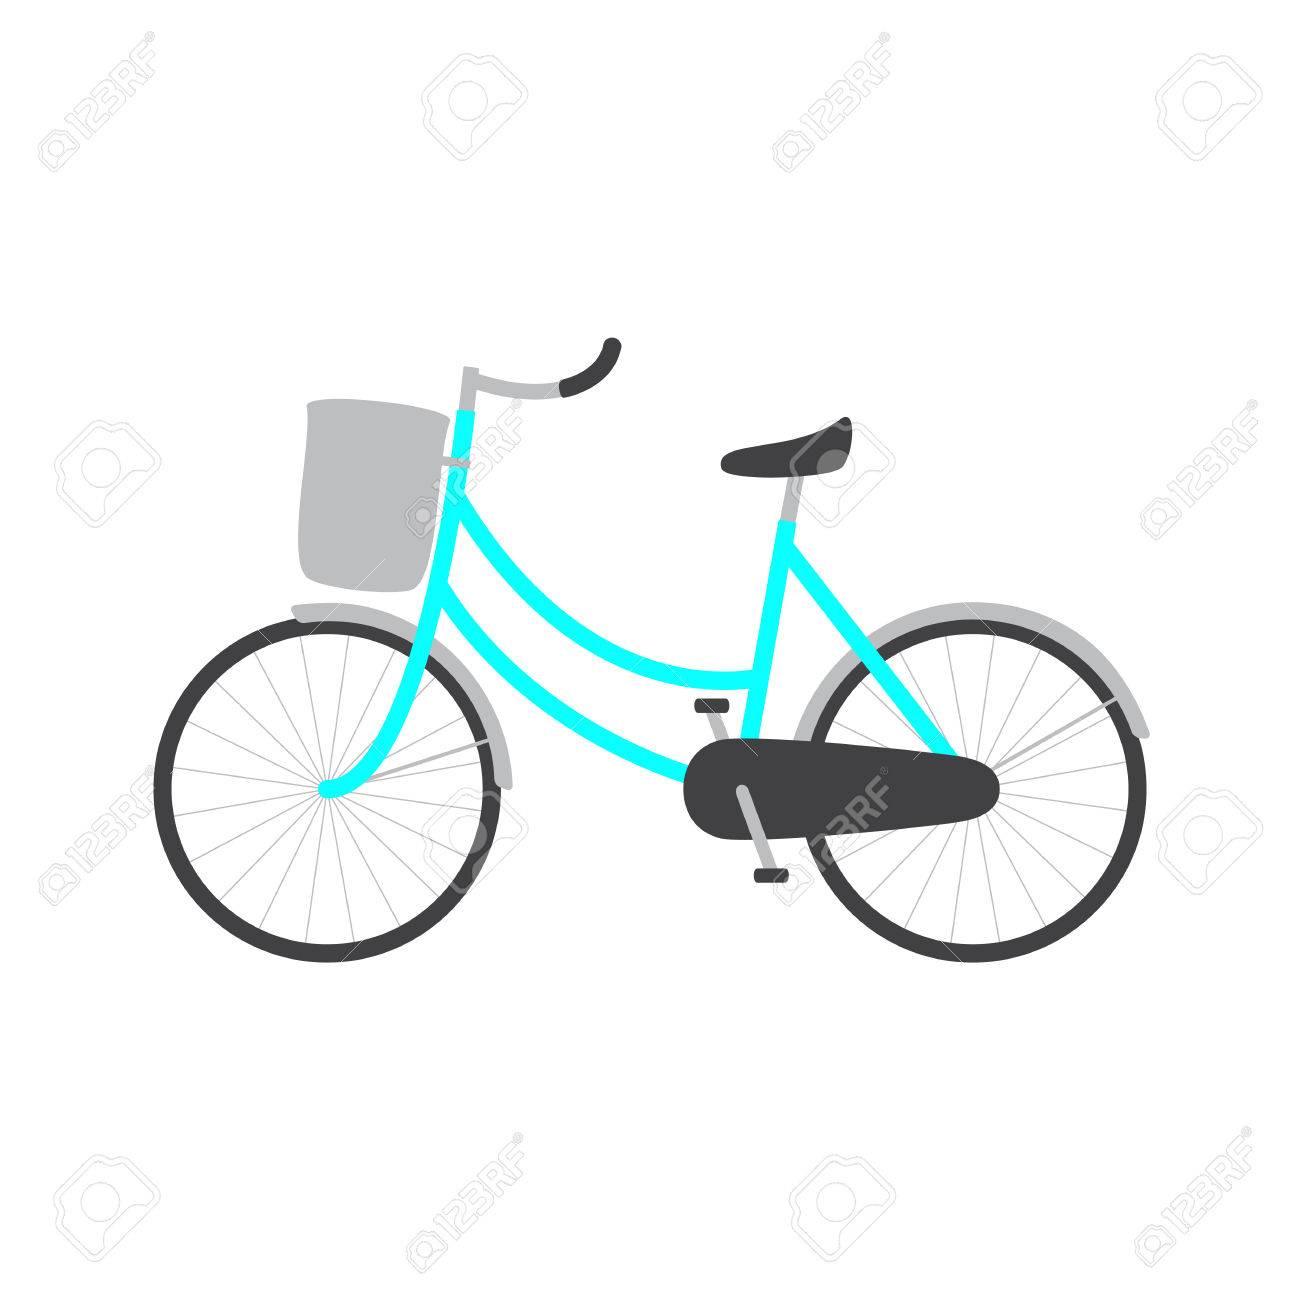 Bicicleta Con Marco Azul Color Femenino, Maleta De Color Gris Claro ...